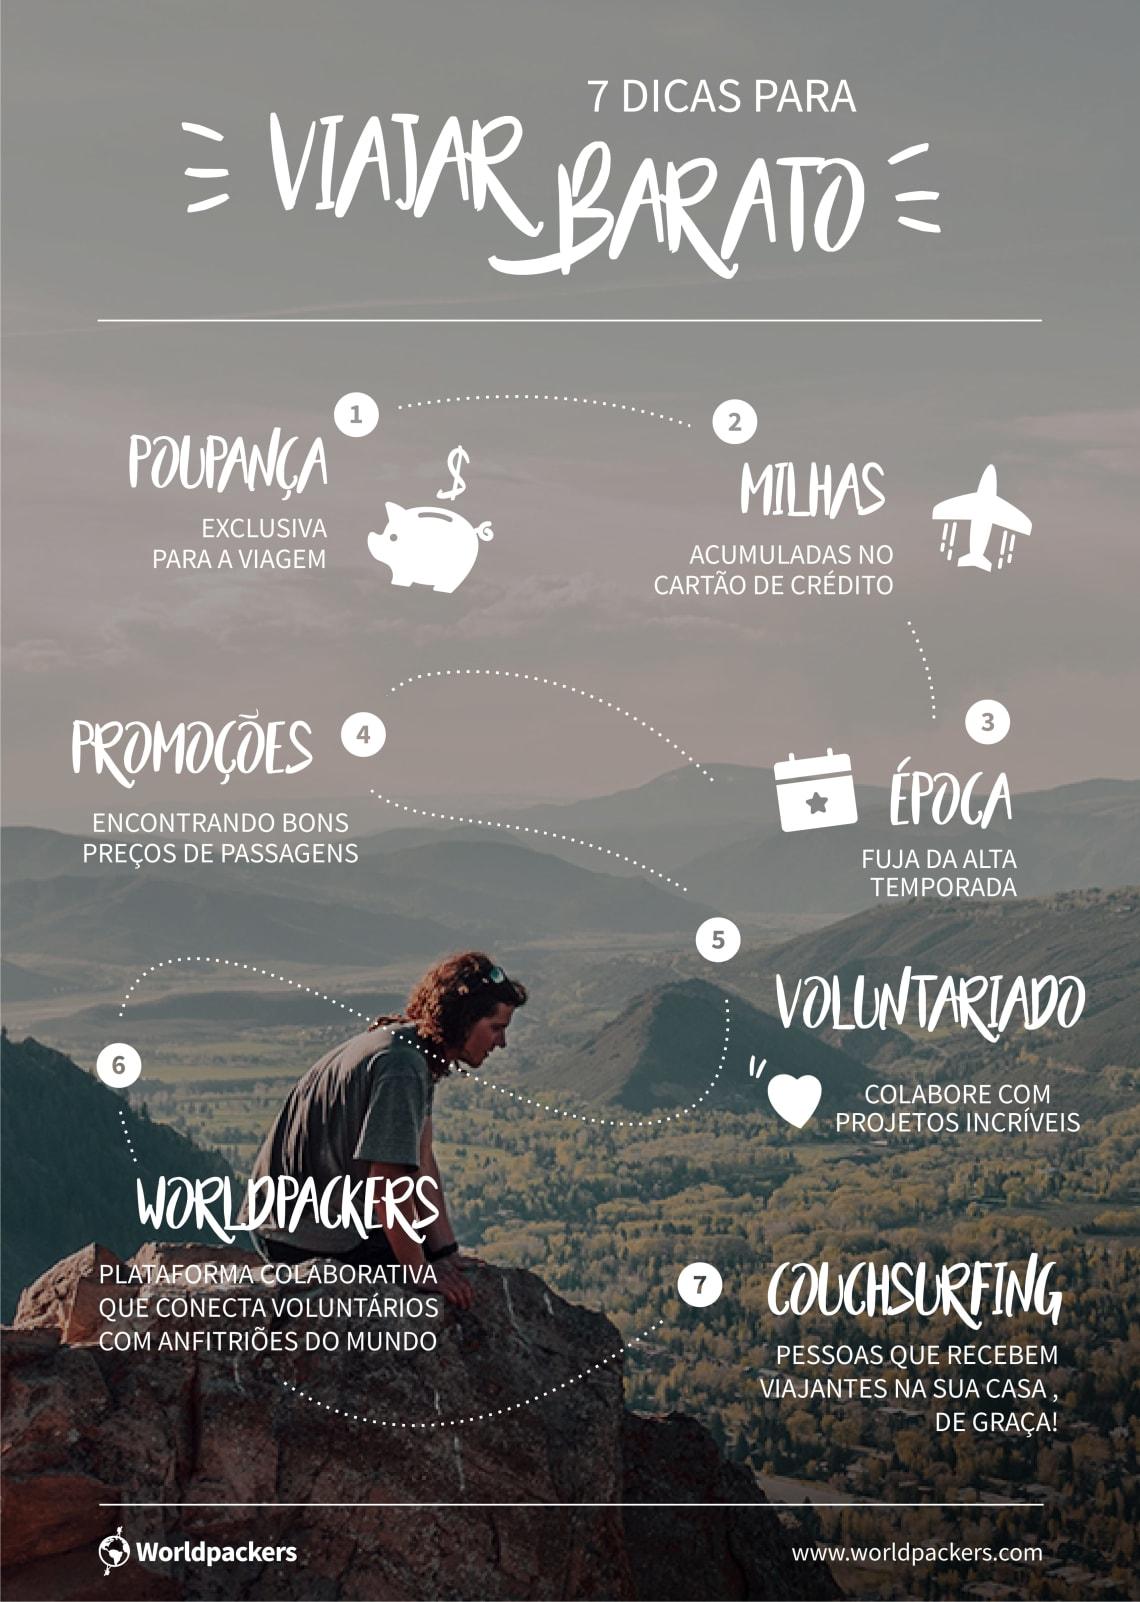 Infográfico - Dicas de como economizar dinheiro para viajar bastante - Worldpackers